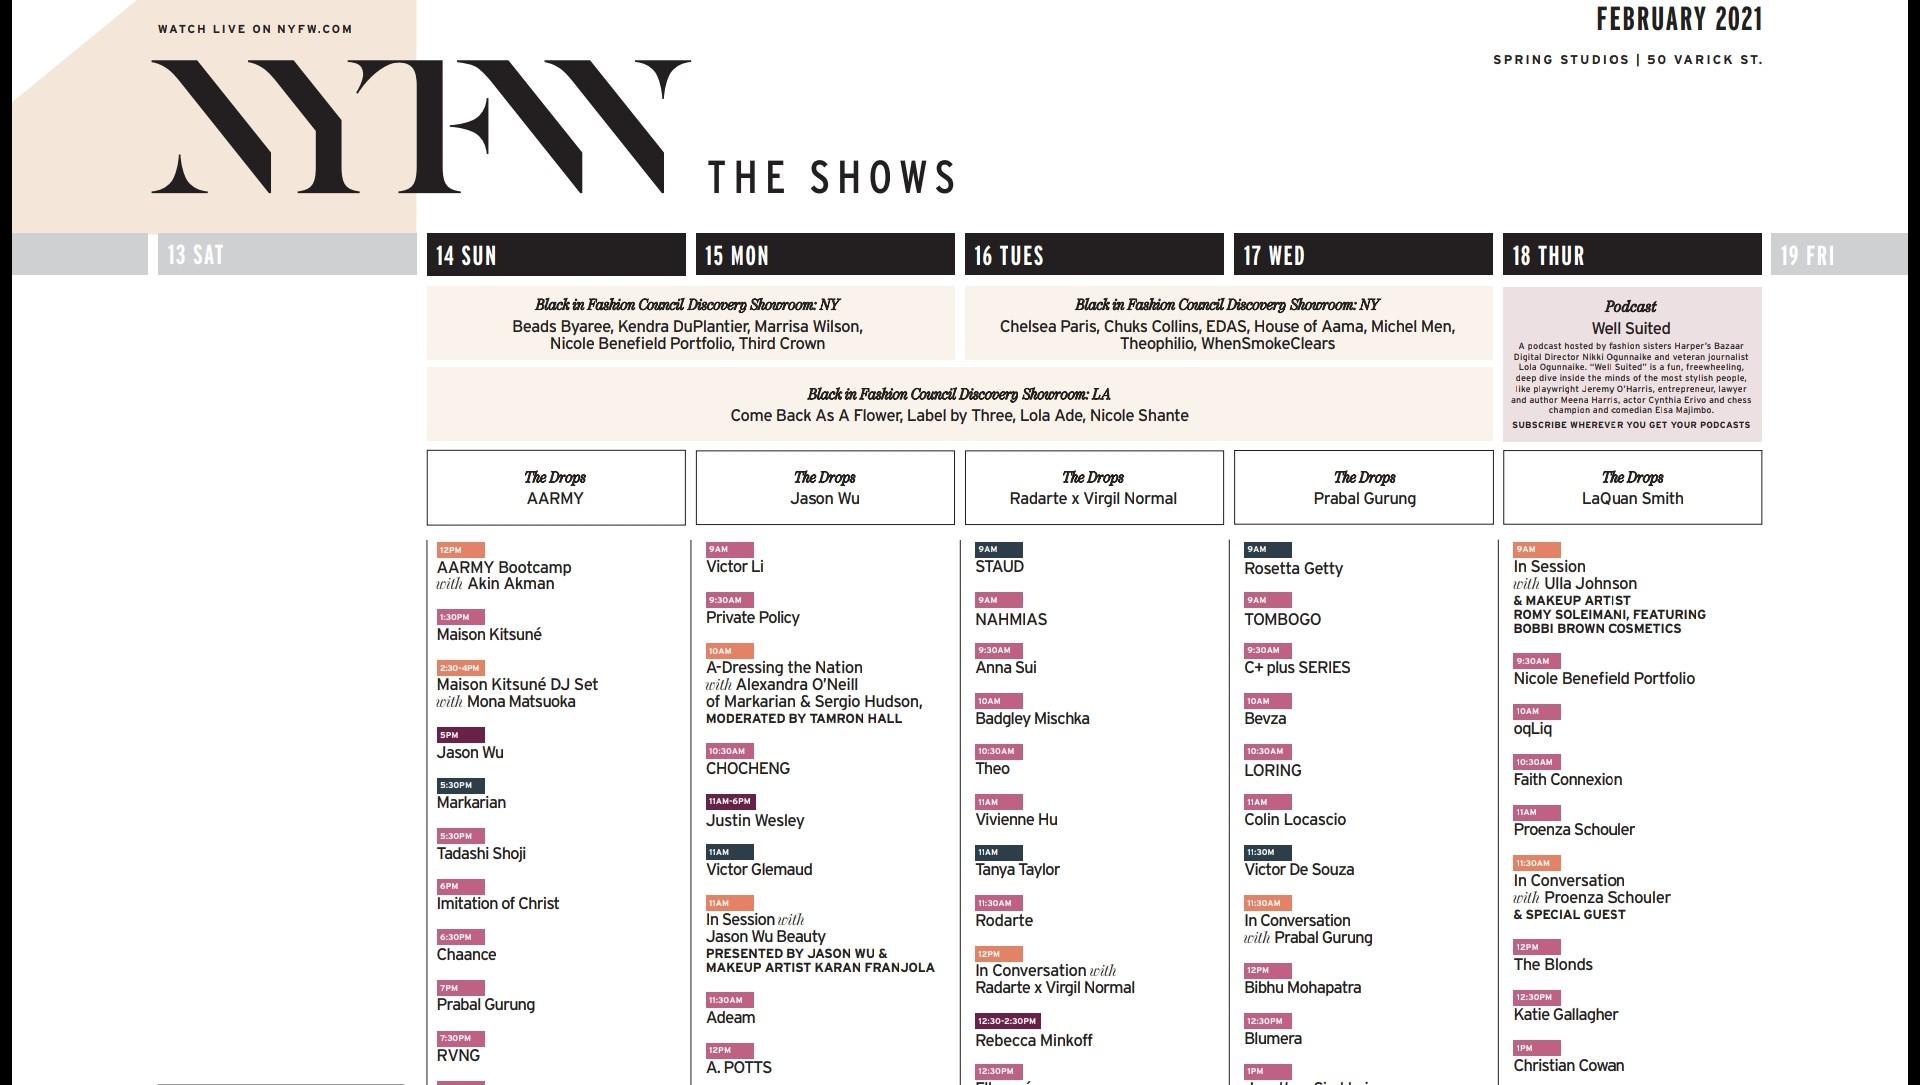 NYFW 2021 schedule